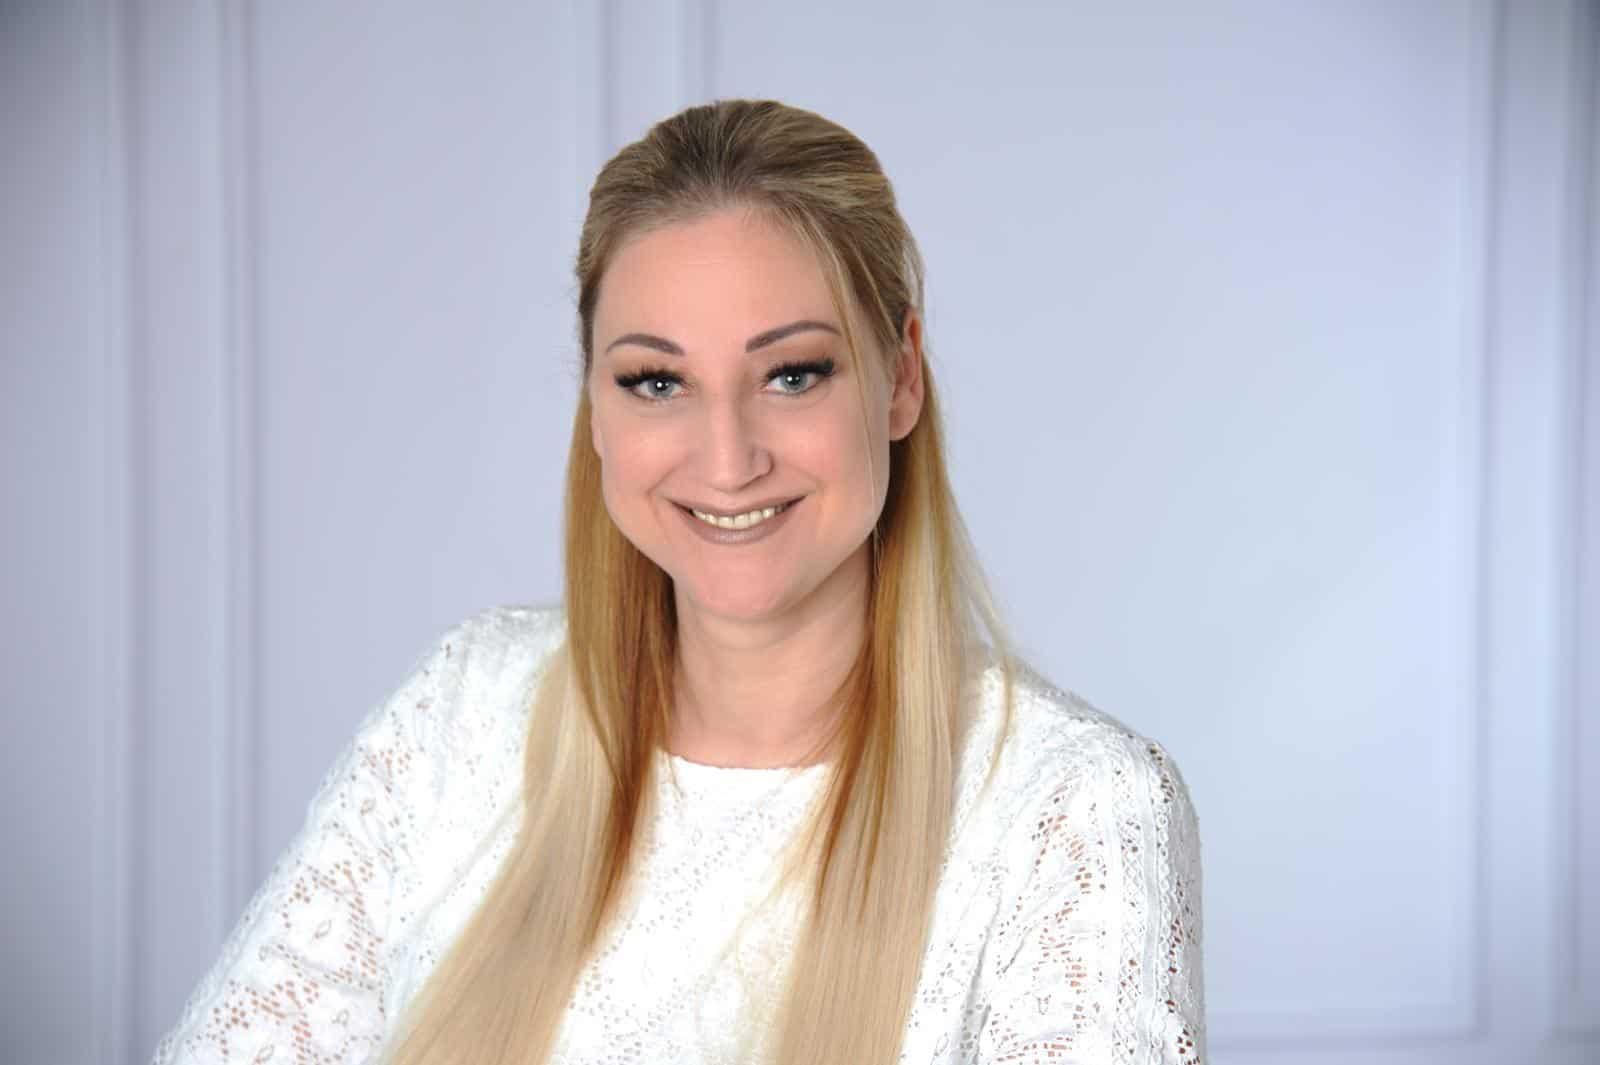 Kerstin Bomanns